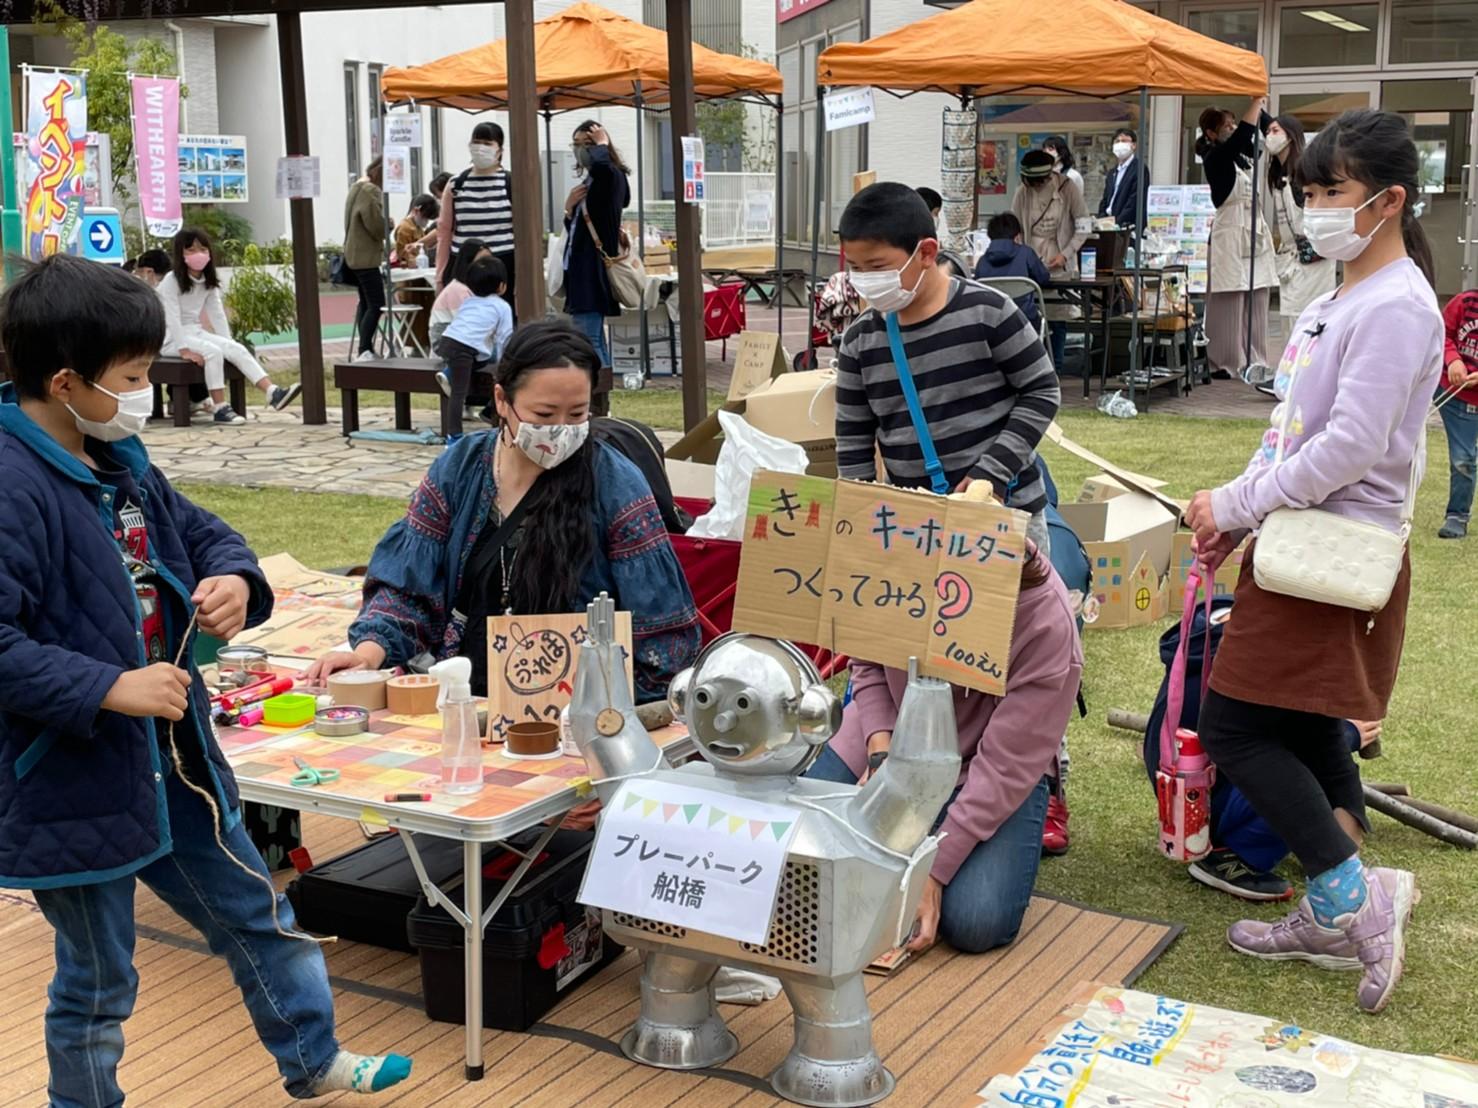 船橋総合住宅展示場で「第3回ほっこりマルシェ」開催!今後のおススメイベント情報もピックアップ♪